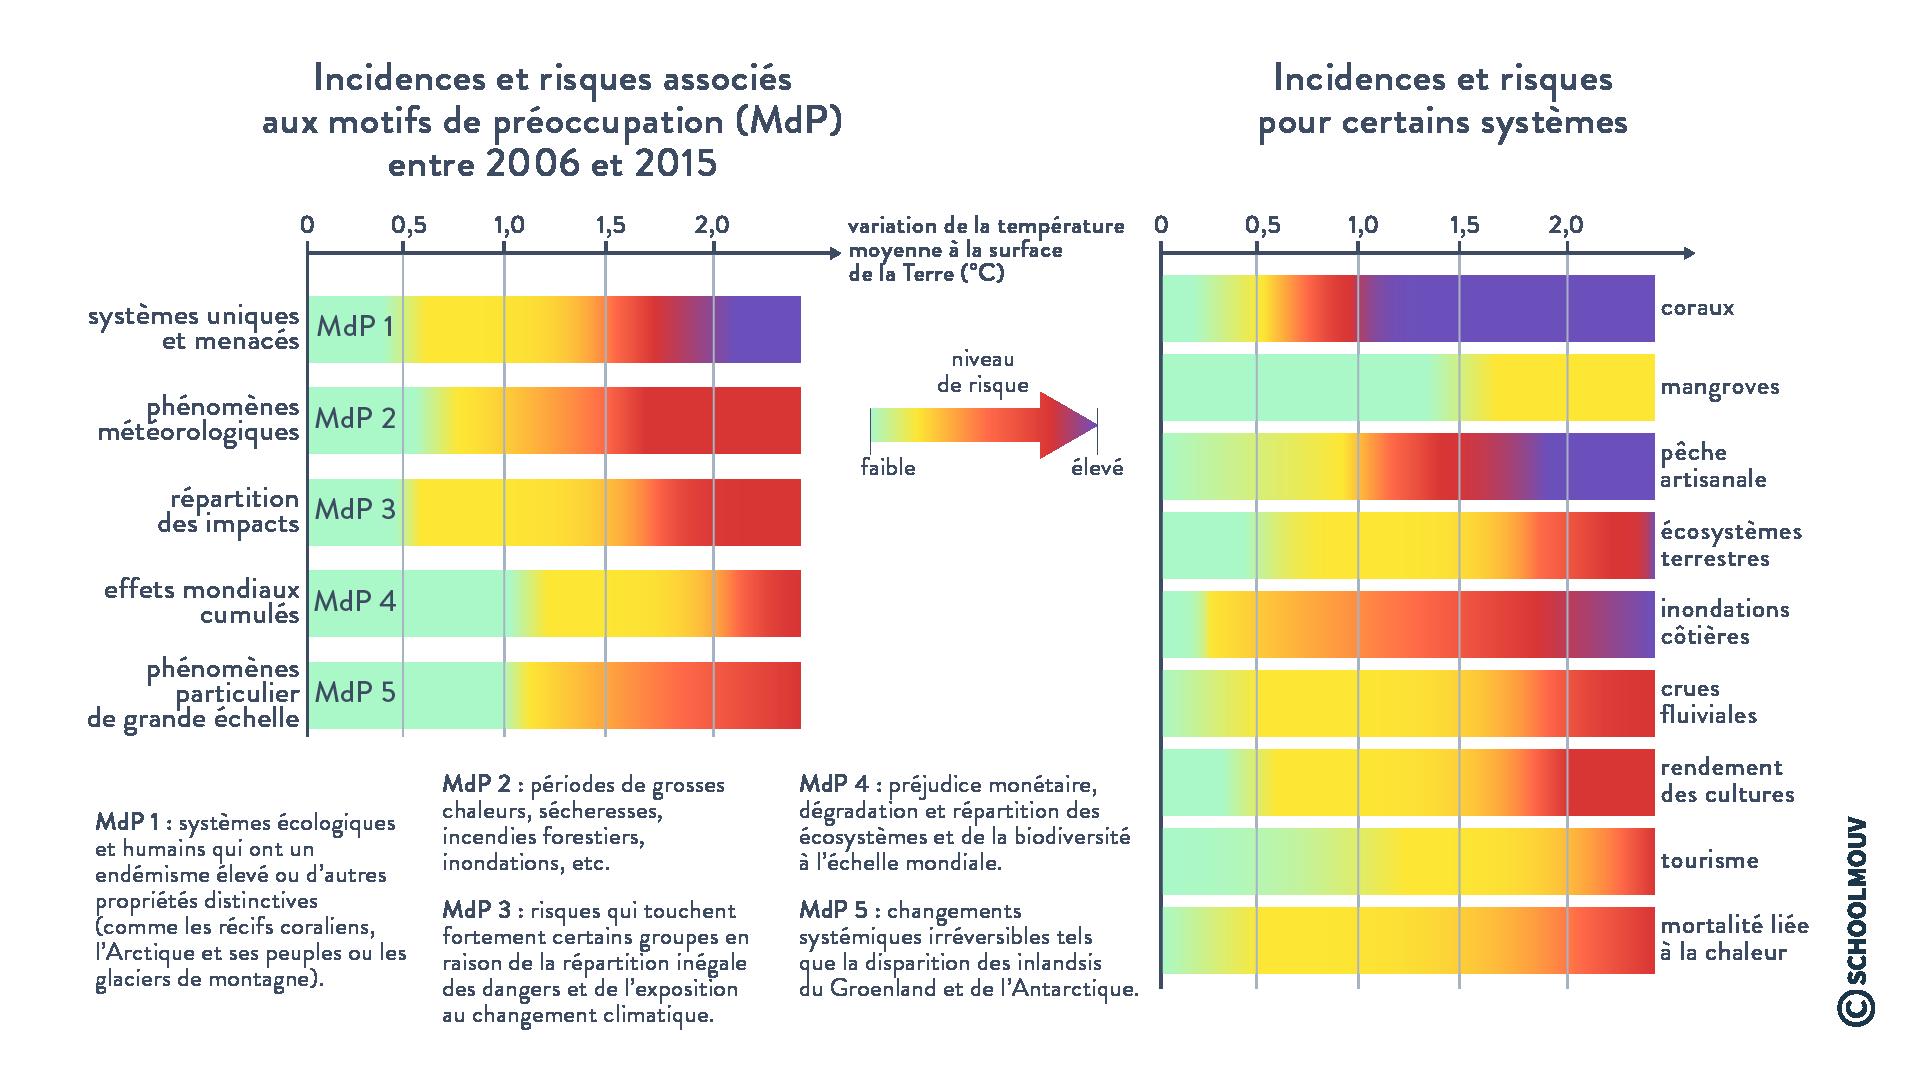 Influences environnementale, économique et humaine en fonction de l'élévation de la température planétaire